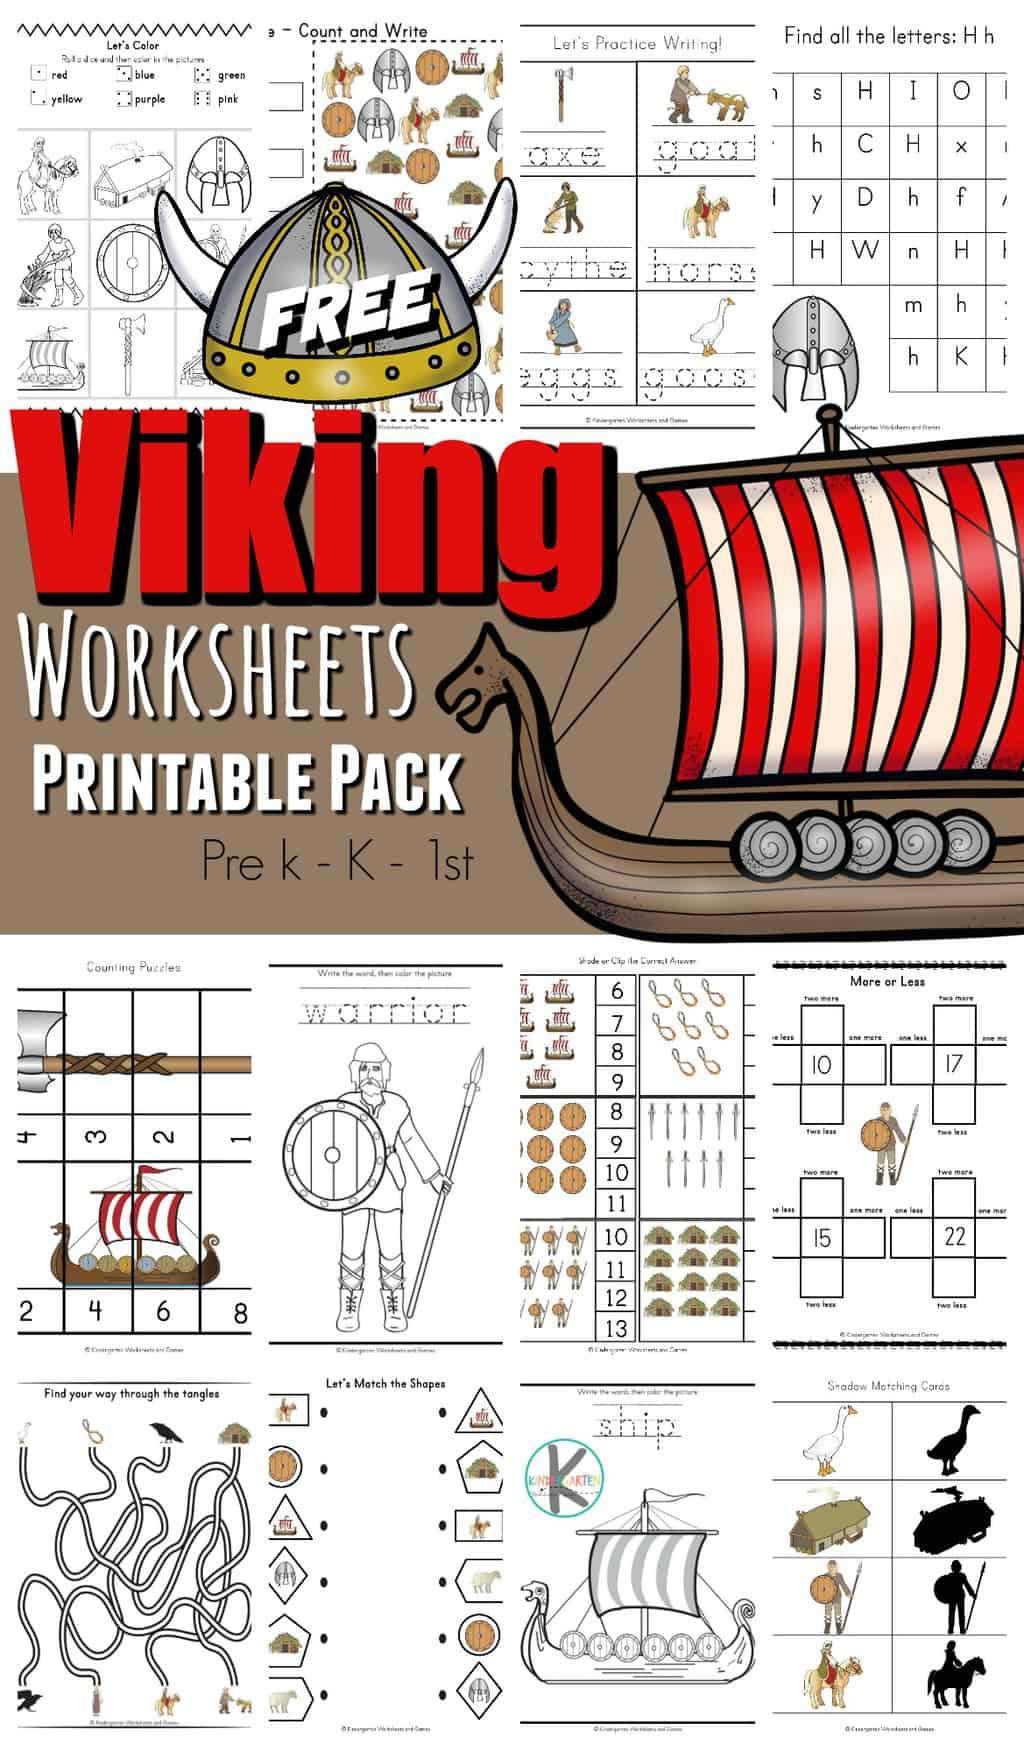 Viking Worksheets Printable Pack